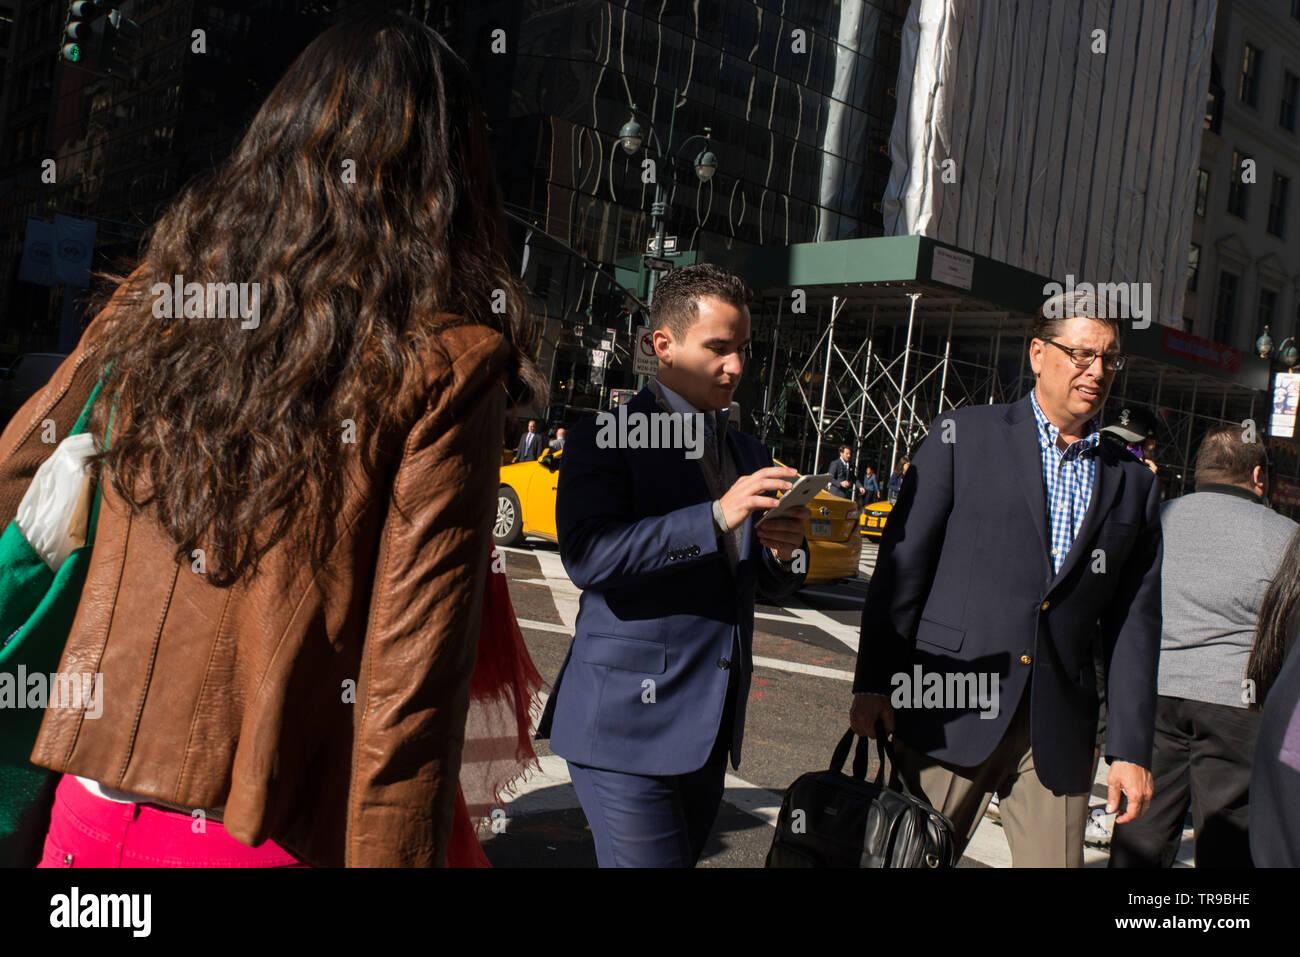 Texting while crossing the street might soon become illegal in NYC // SMS-Nachrichten beim Überqueren der Straße könnten in NYC bald illegal werden. Stock Photo